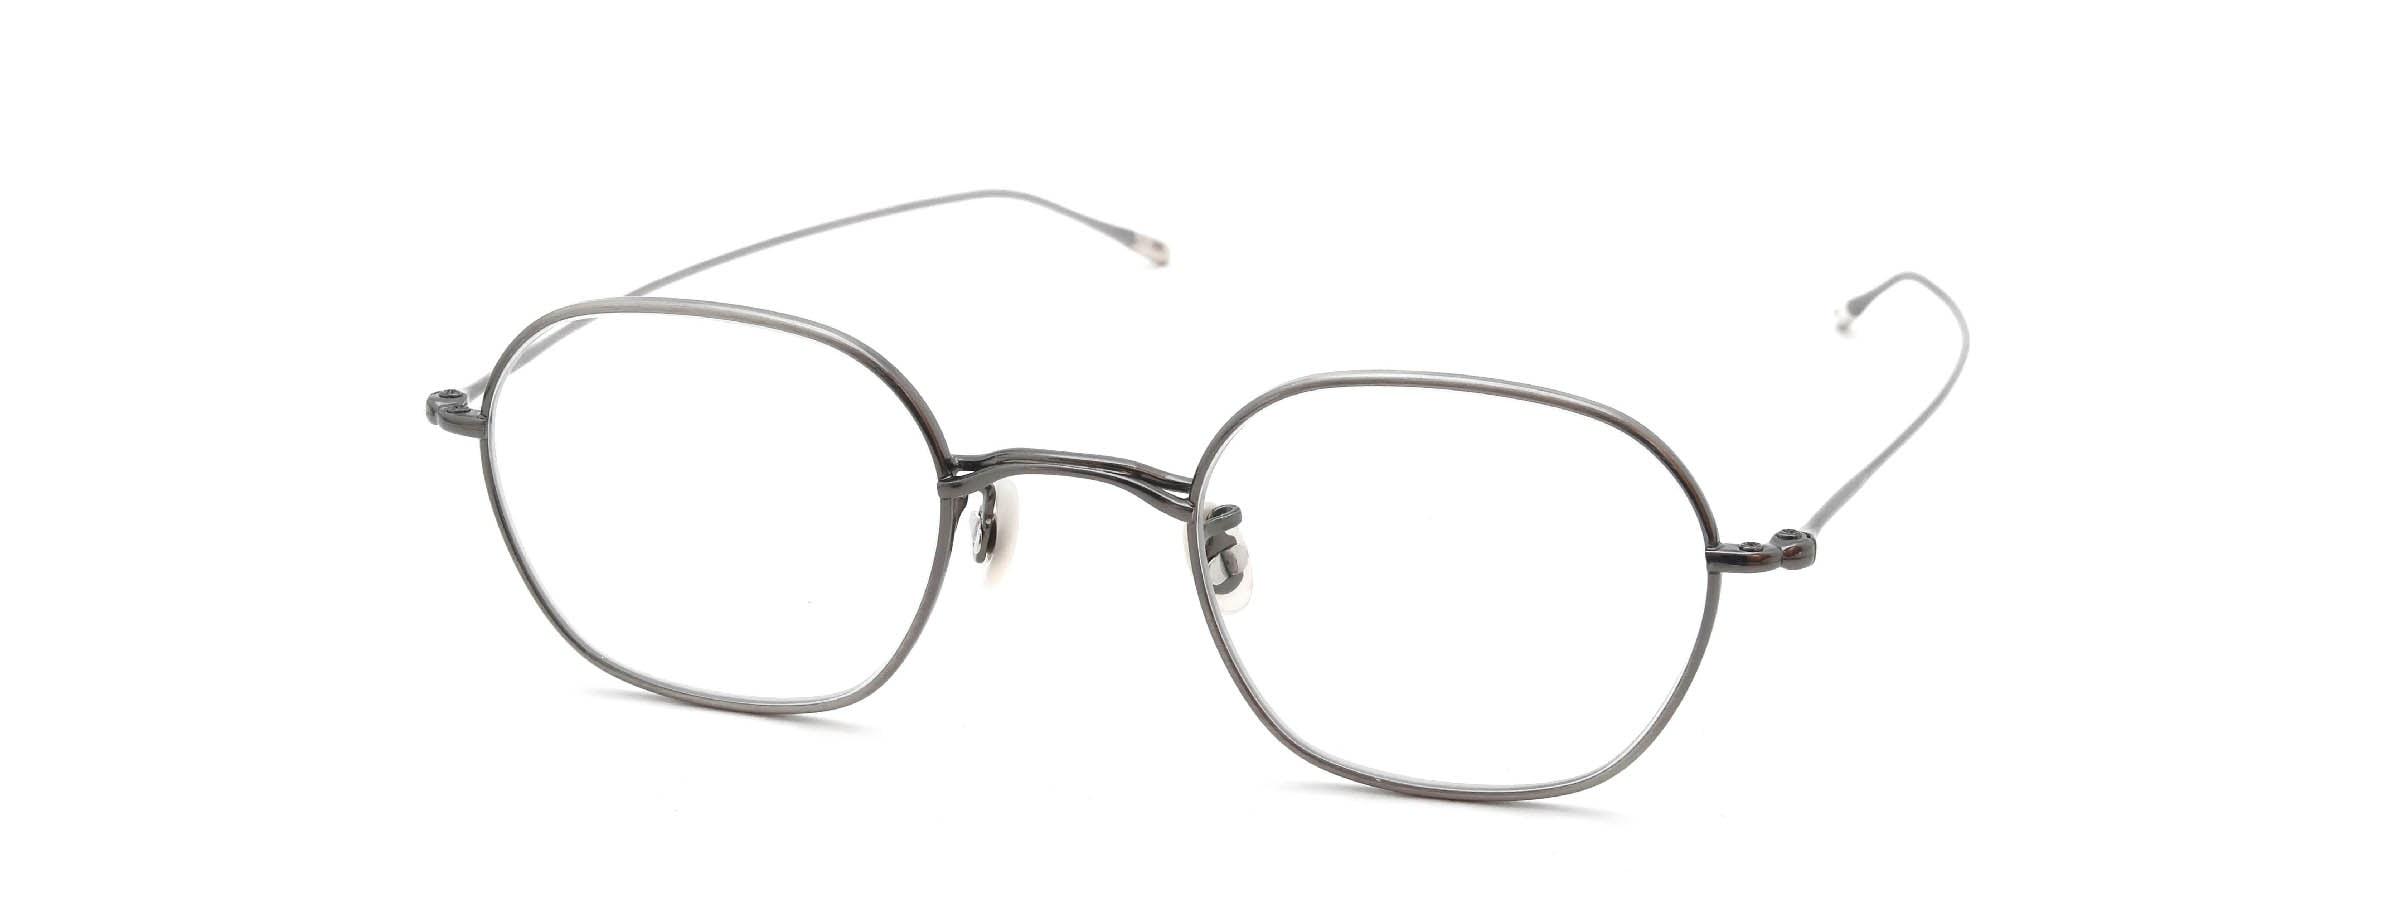 10 eyevan NO.2